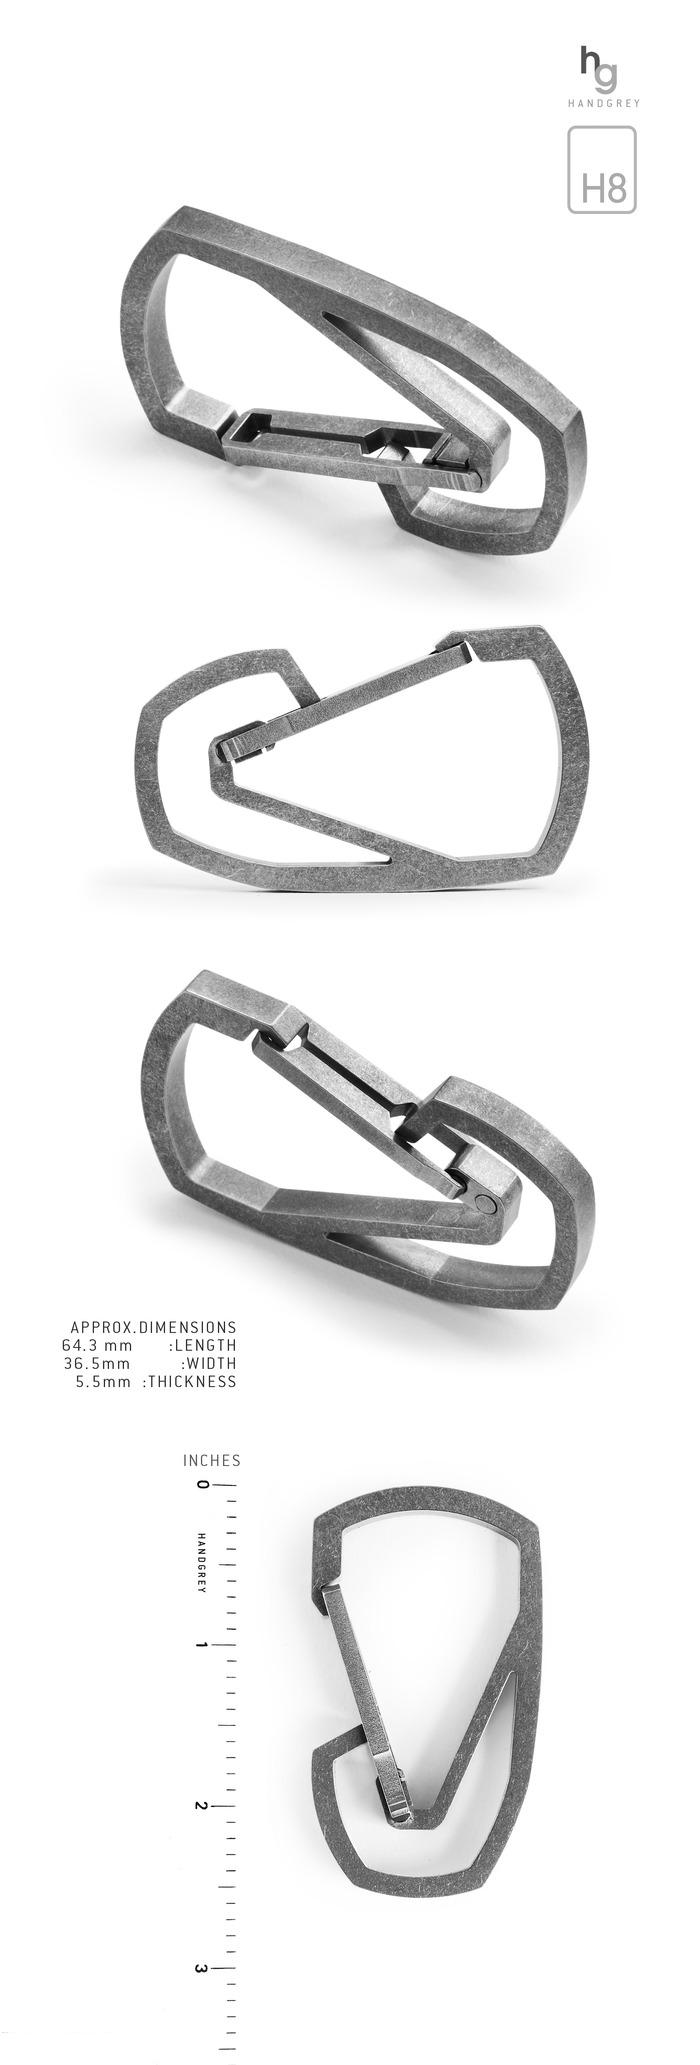 TITANIUM QUICK RELEASE CARABINER: MODEL H8